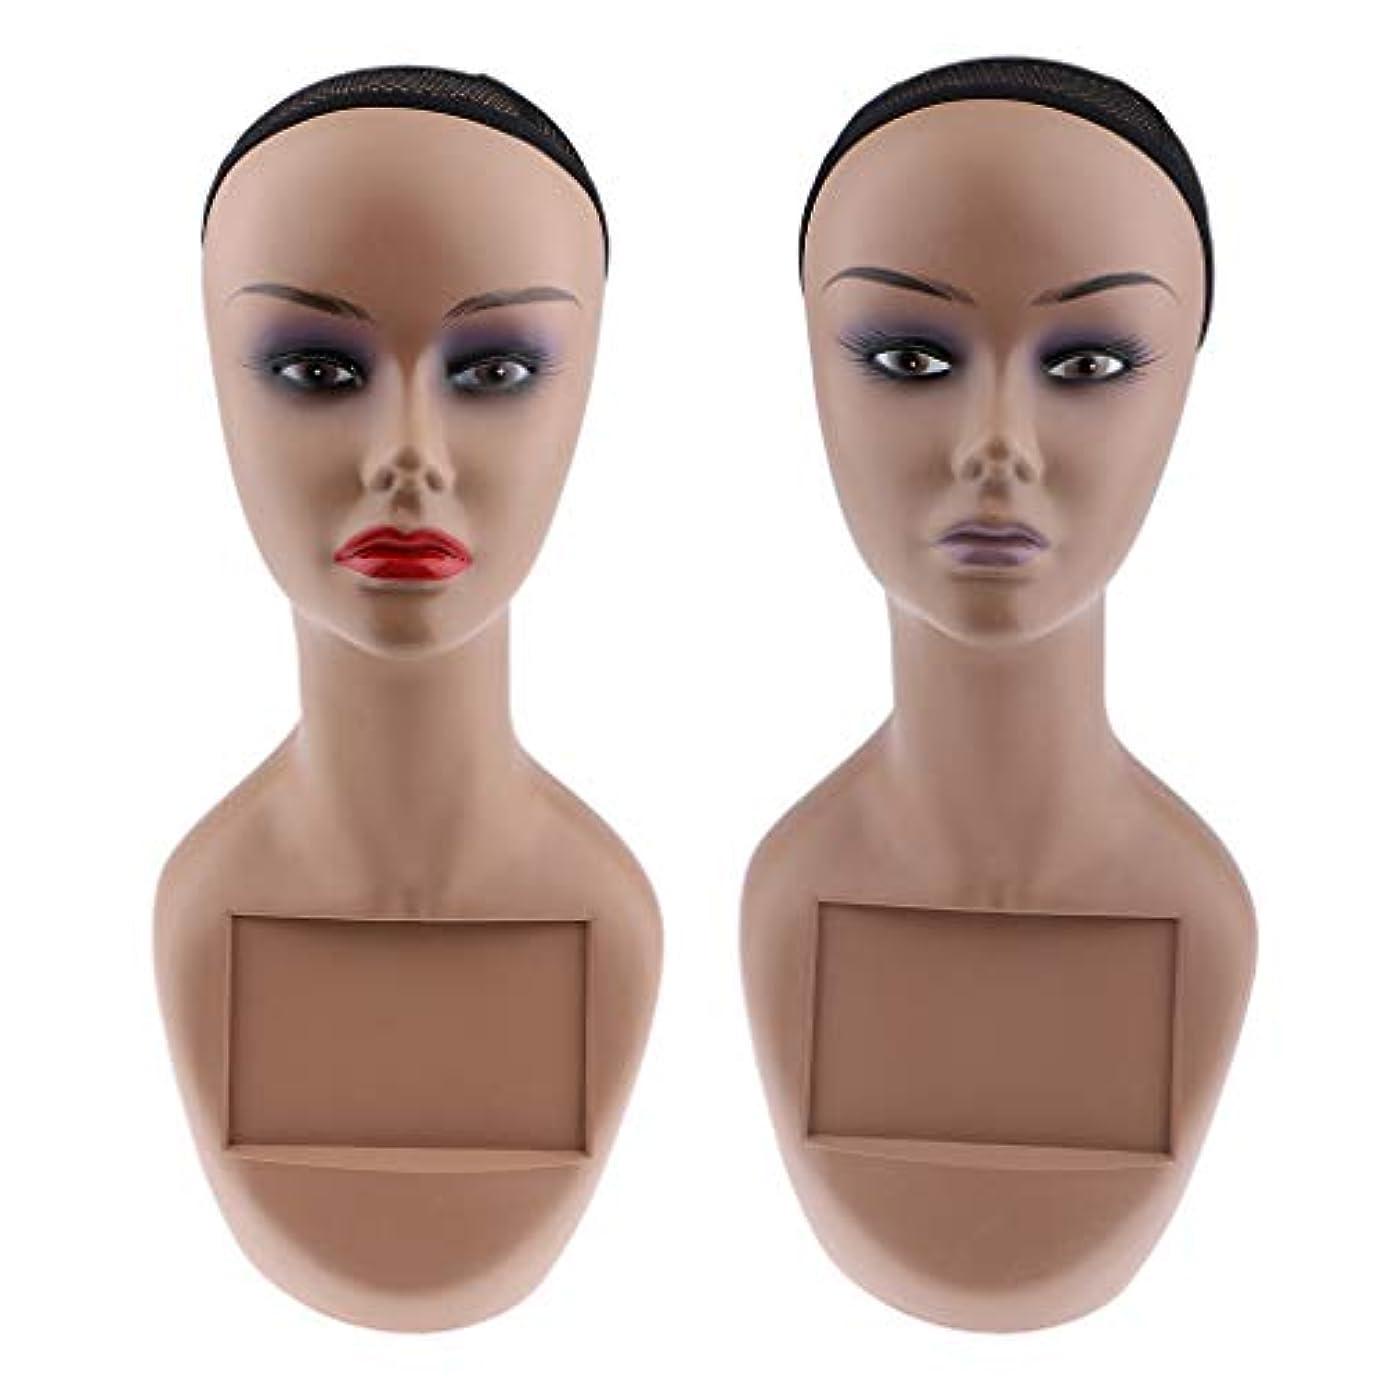 破壊的リーフレット旋律的Perfeclan マネキンヘッド ヘッドモデル 女性 かつら 帽子 スカーフ ジュエリー ディスプレイ 2個セット